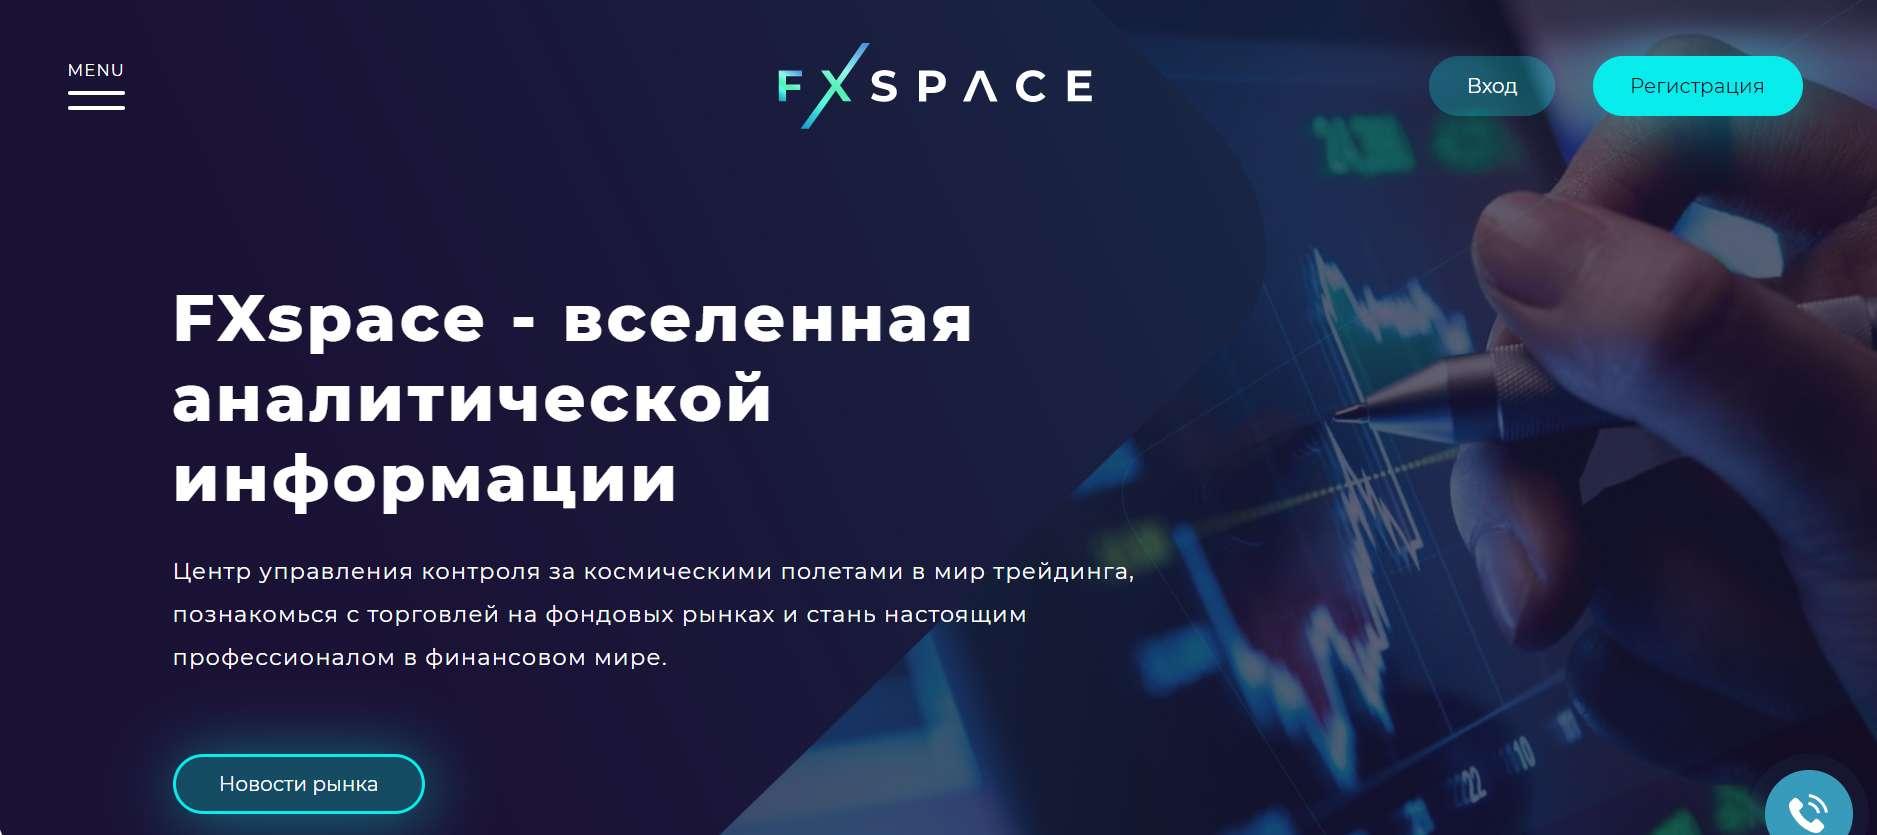 Обзор FxSpace. Отзывы и обзор проекта. Доверяем или нет?